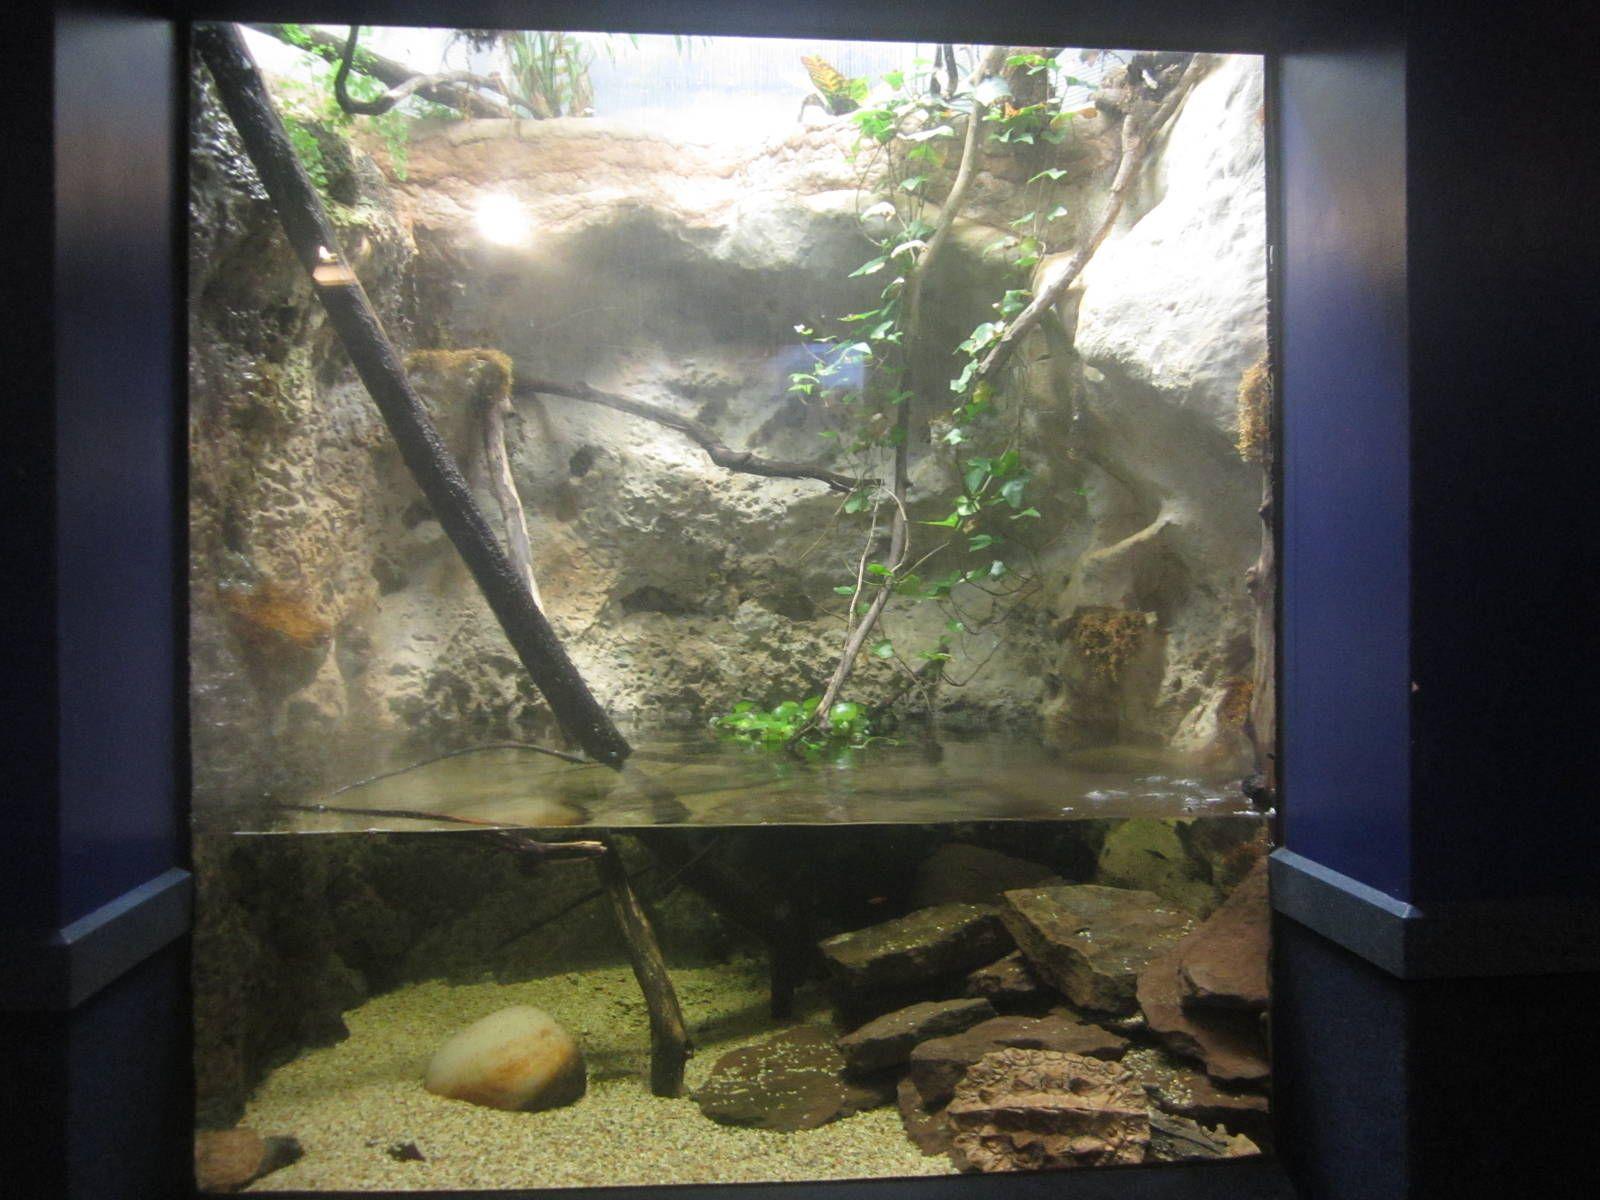 Newport aquarium nov mata mata turtle exhibit turtles